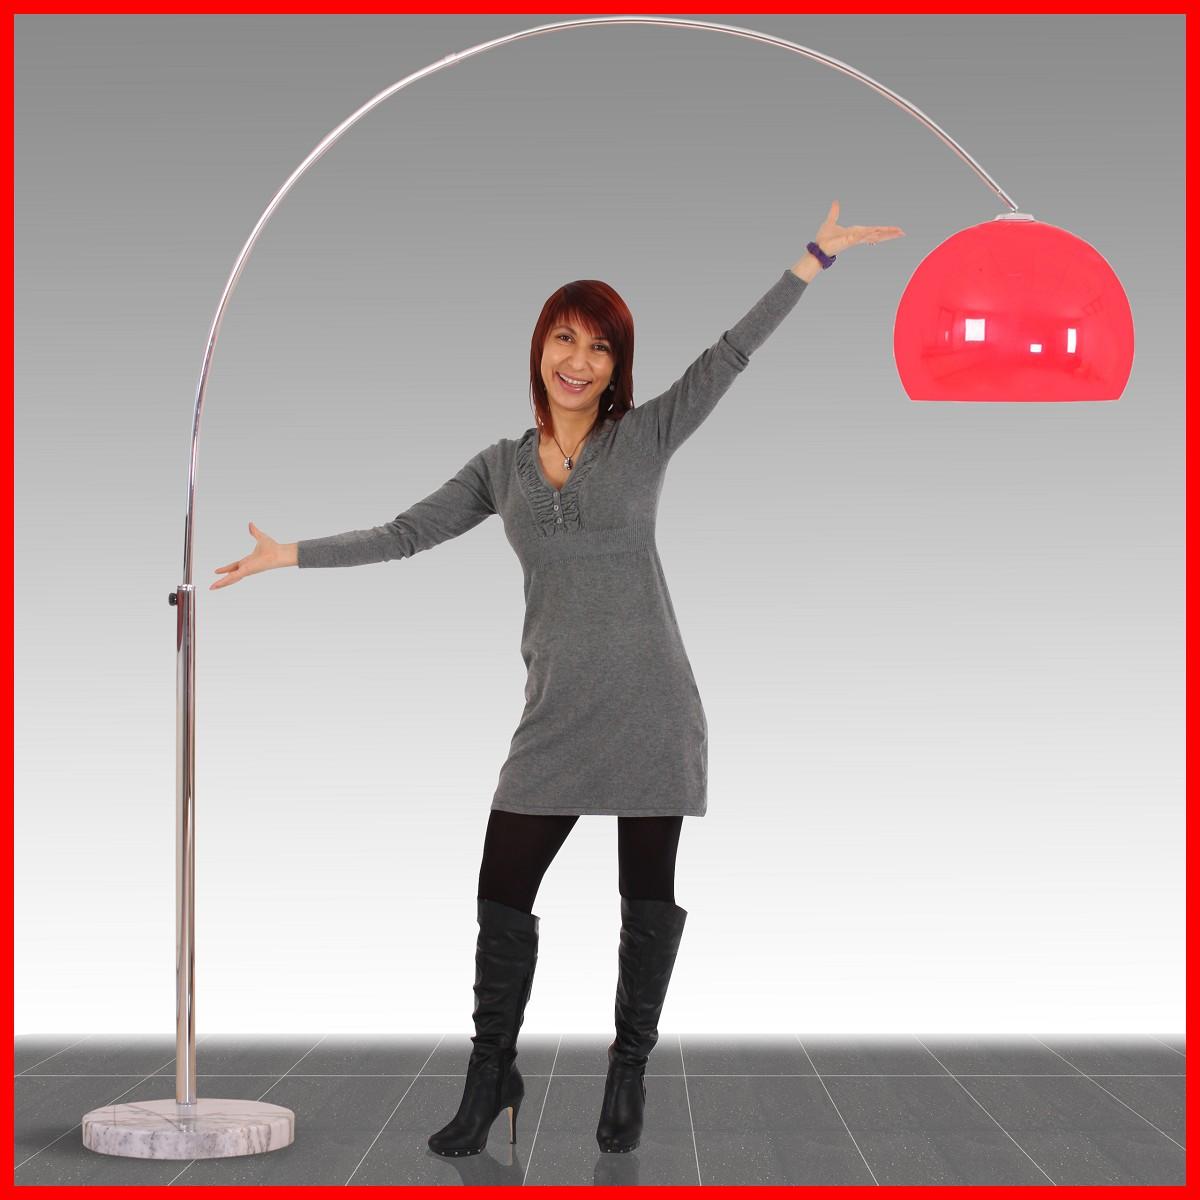 bogenlampe lounge deal h he 2 06m schirm 40cm rot. Black Bedroom Furniture Sets. Home Design Ideas